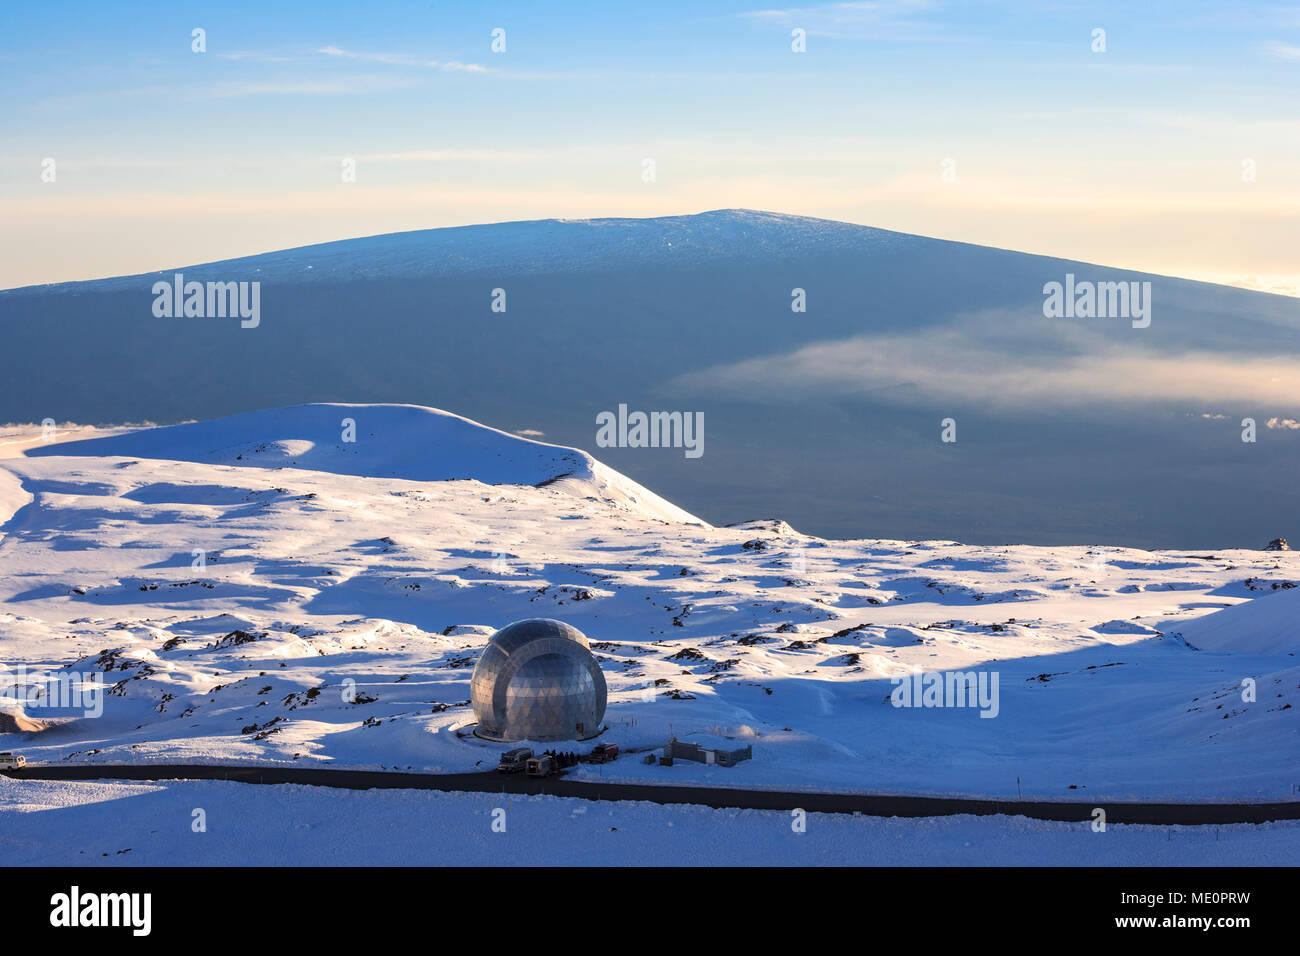 Retirado Caltech submilimétricos en la cima del Observatorio Mauna Kea con vistas a Mauna Loa; Isla de Hawaii, Hawaii, Estados Unidos de América Foto de stock